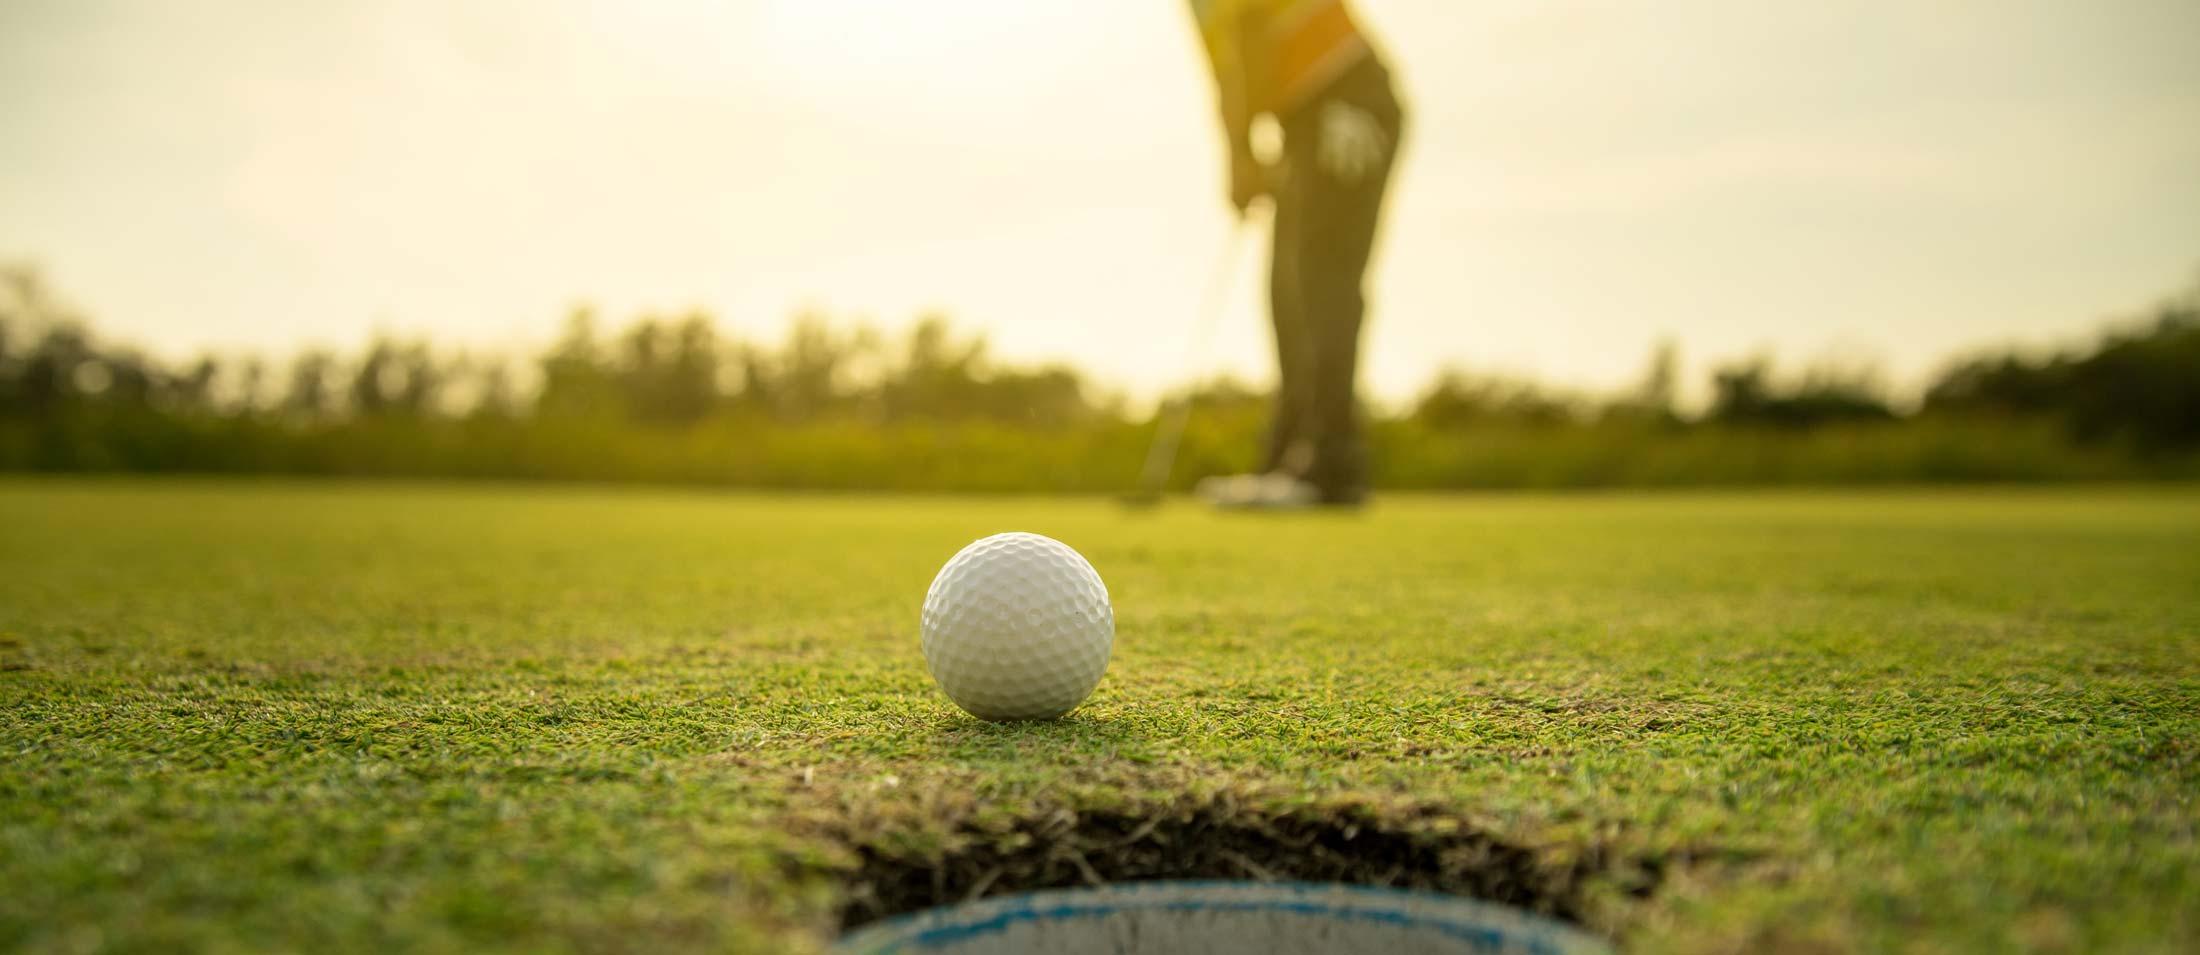 Persona jugando golf.